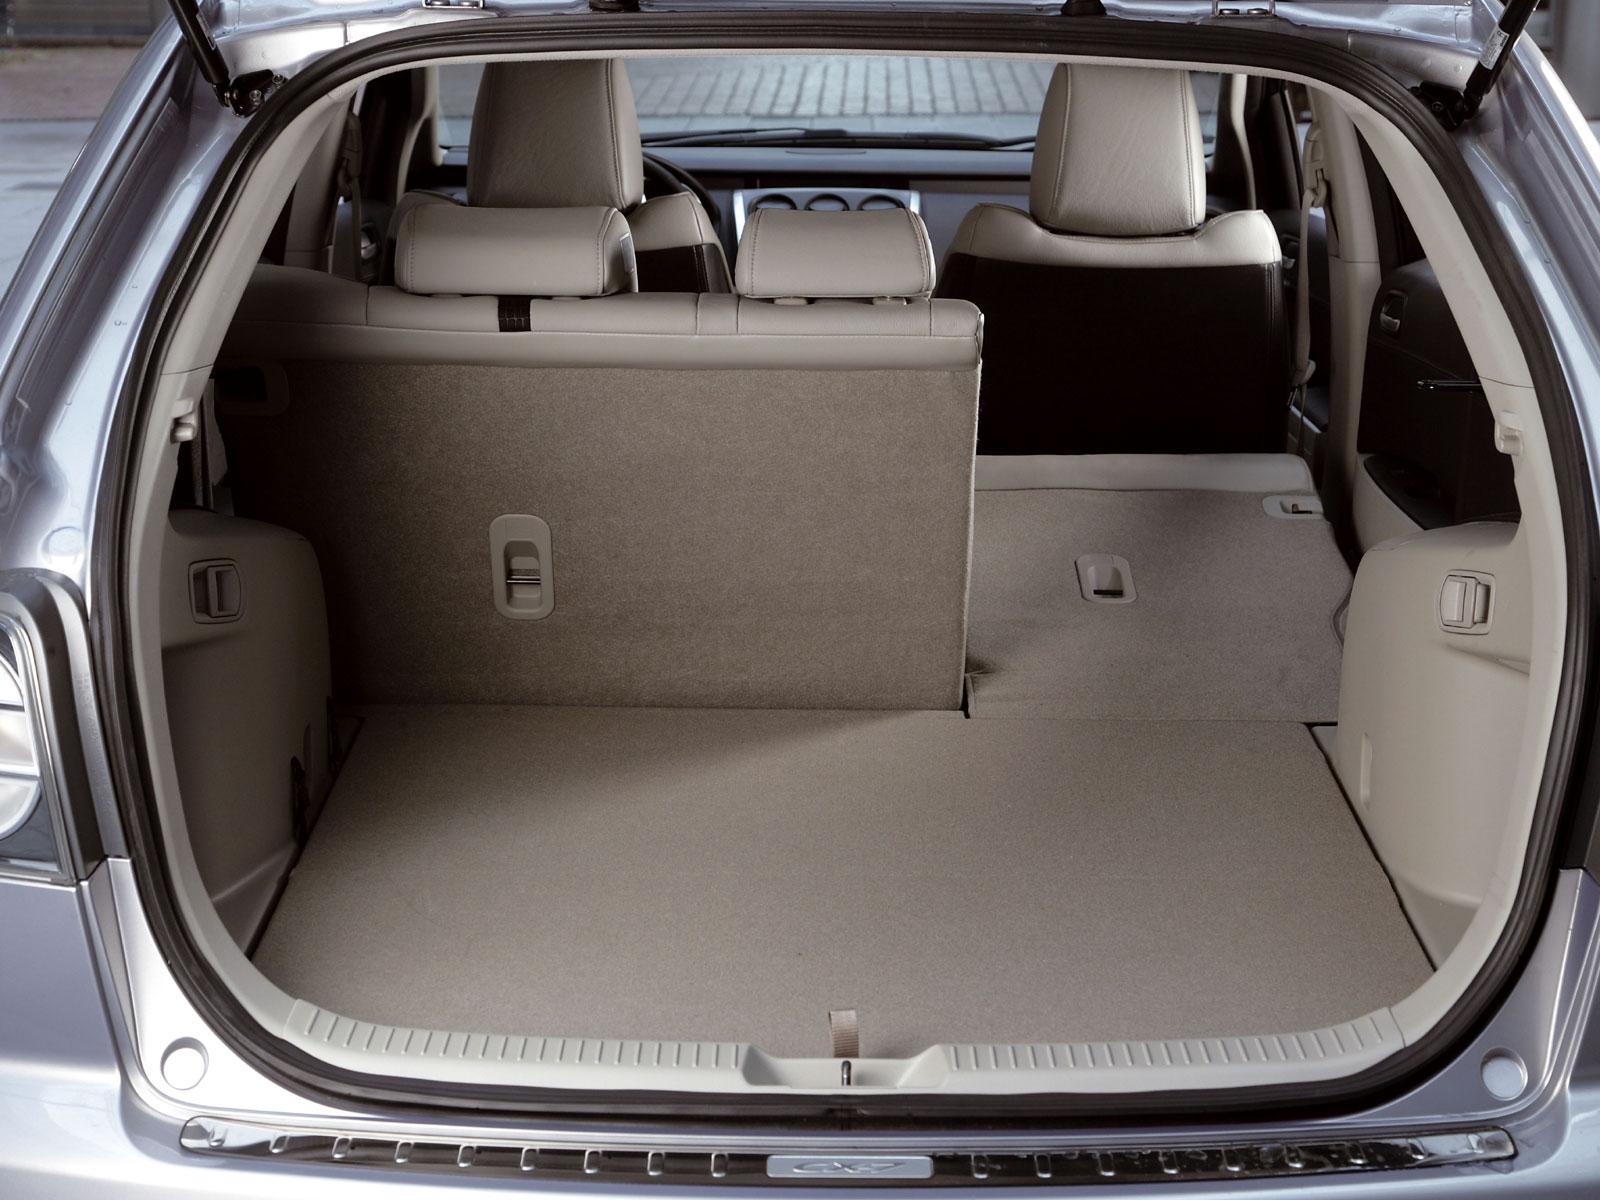 2009 Mazda CX-7 (c) Mazda